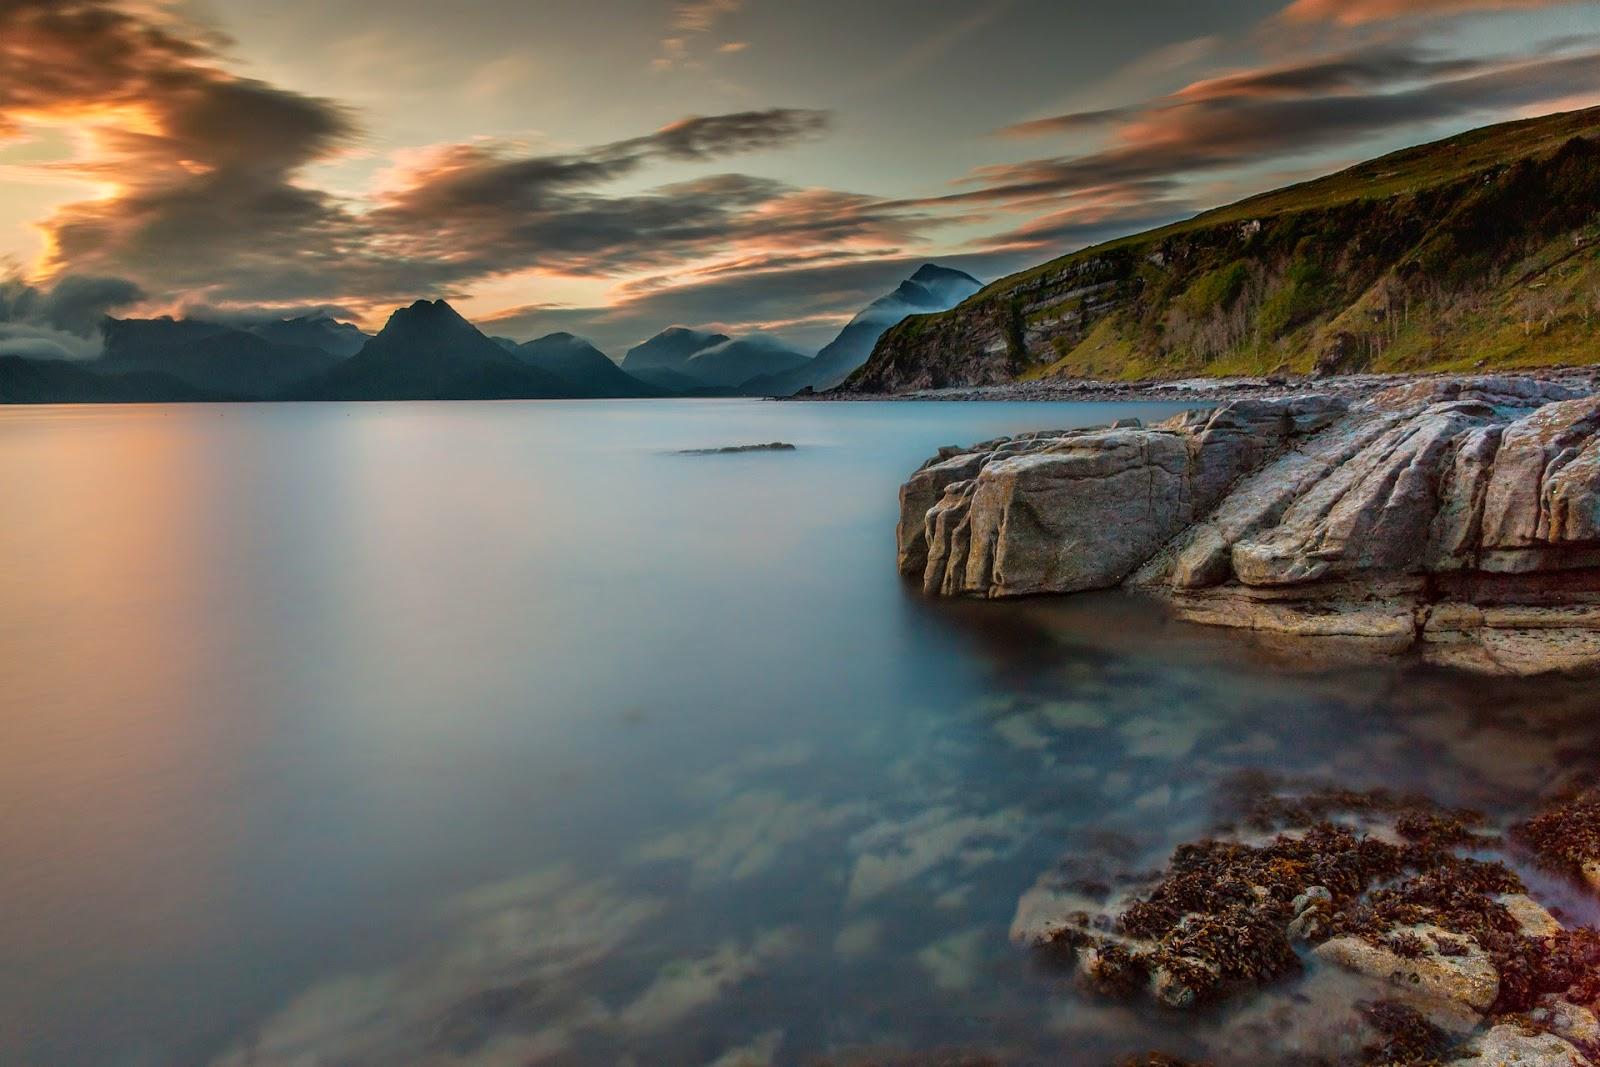 خلفيات للصخور رائعة HD